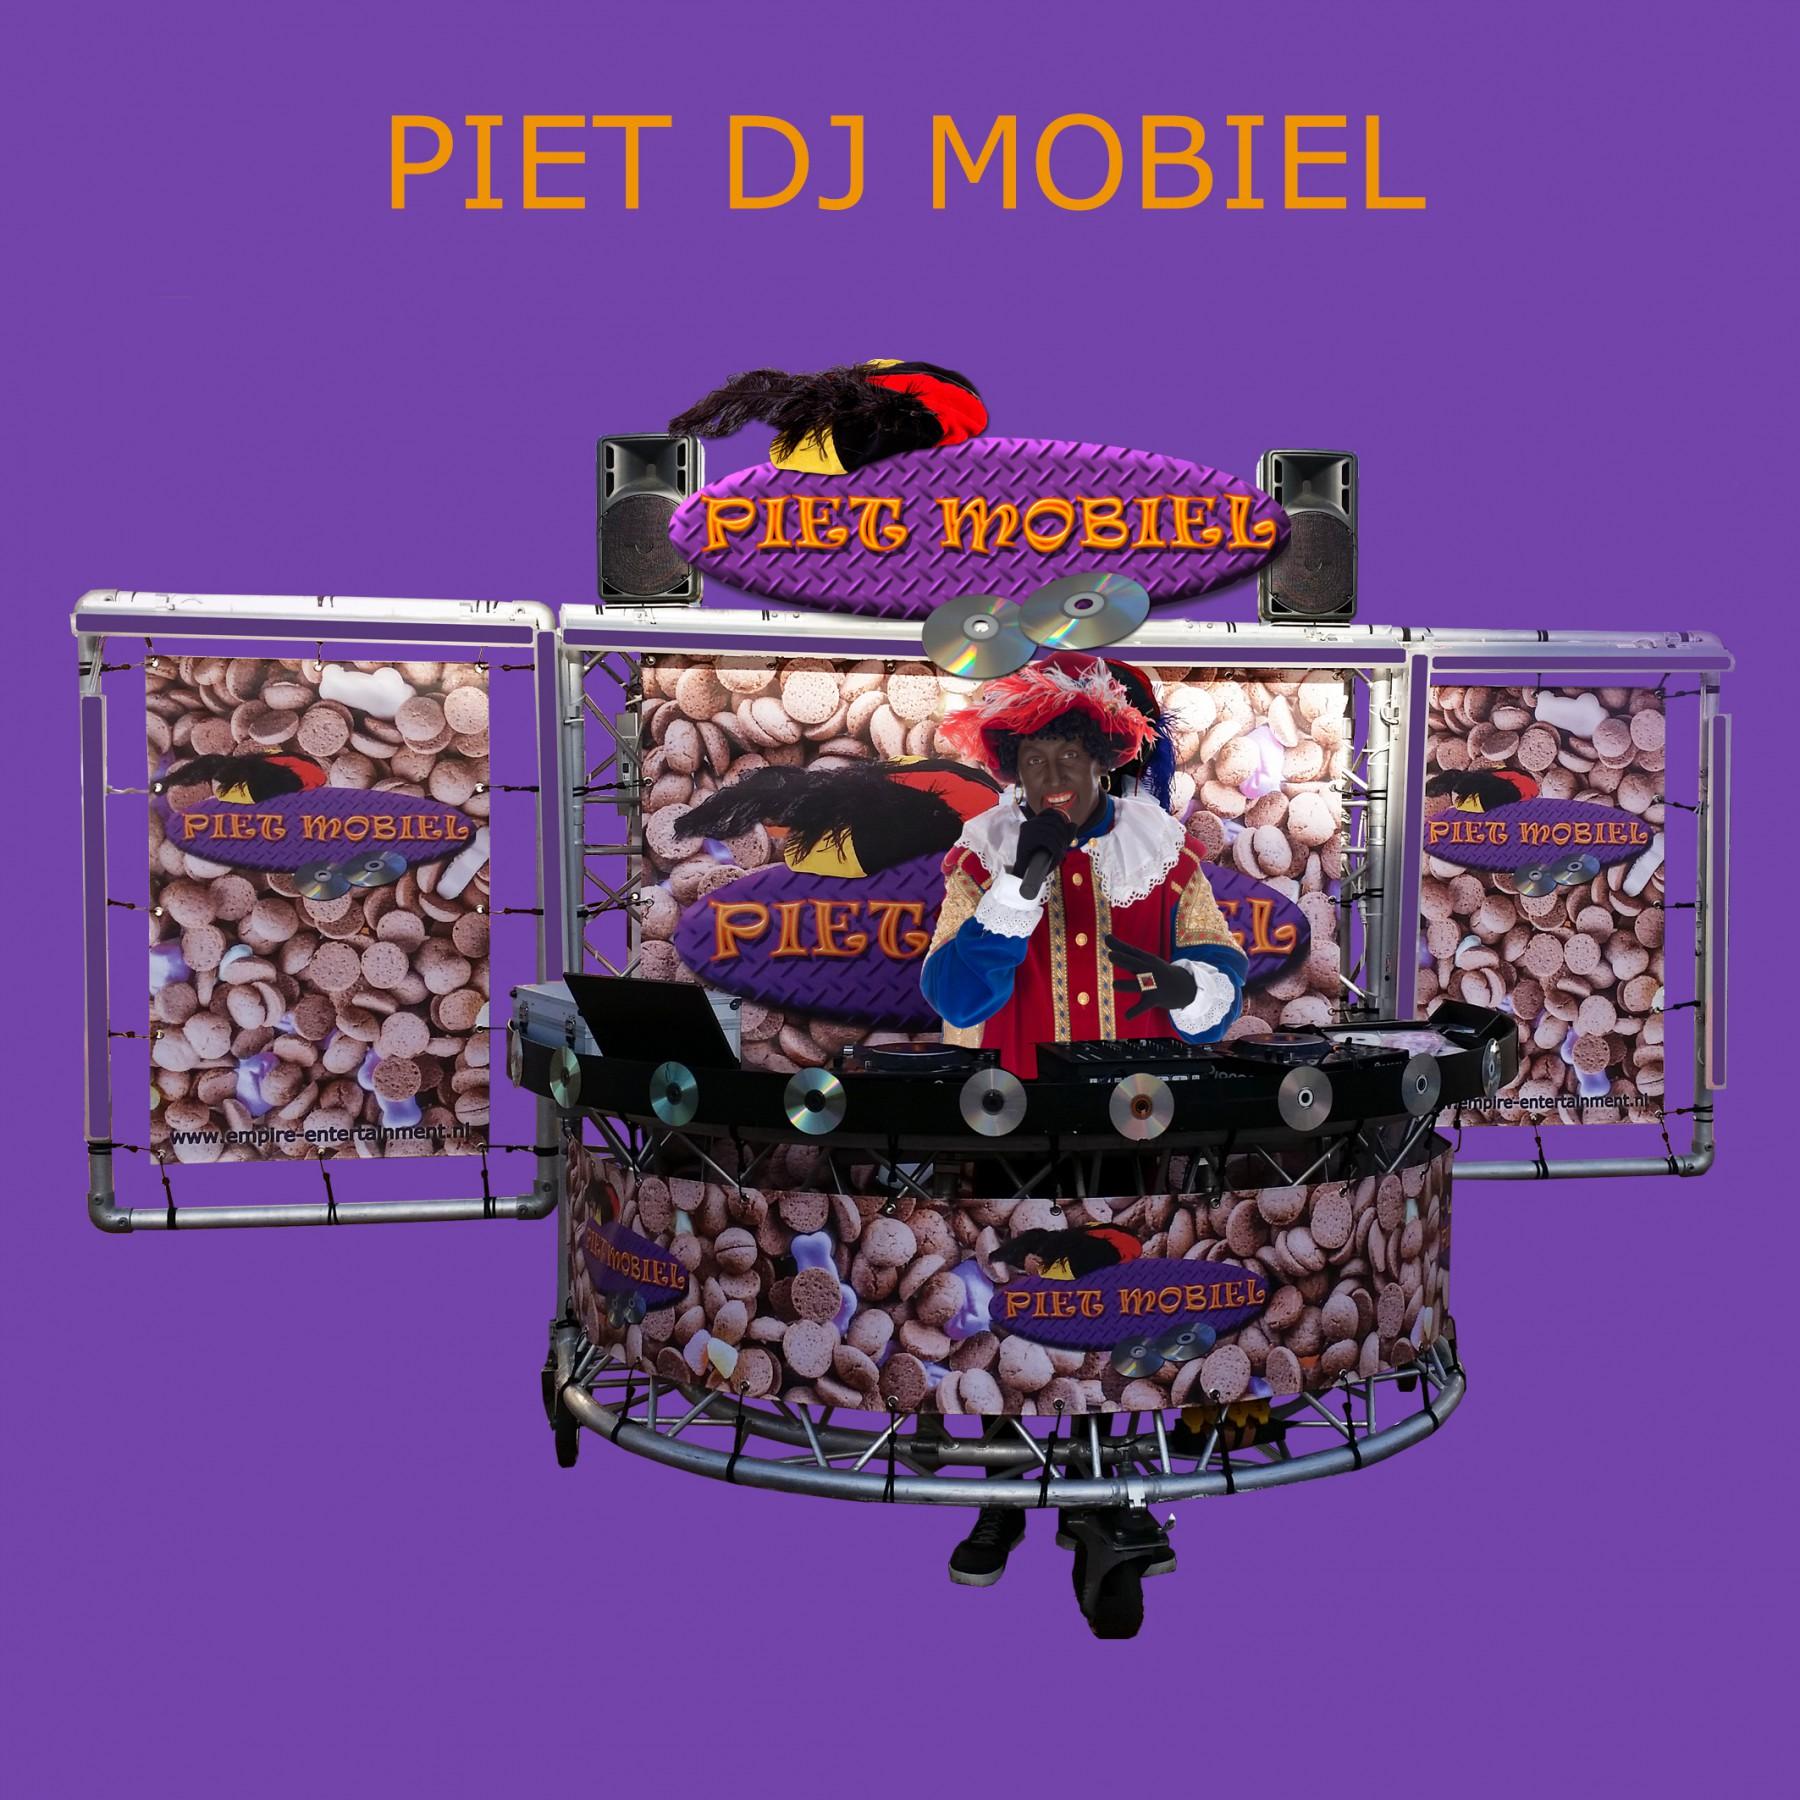 DJ Piet Mobiel